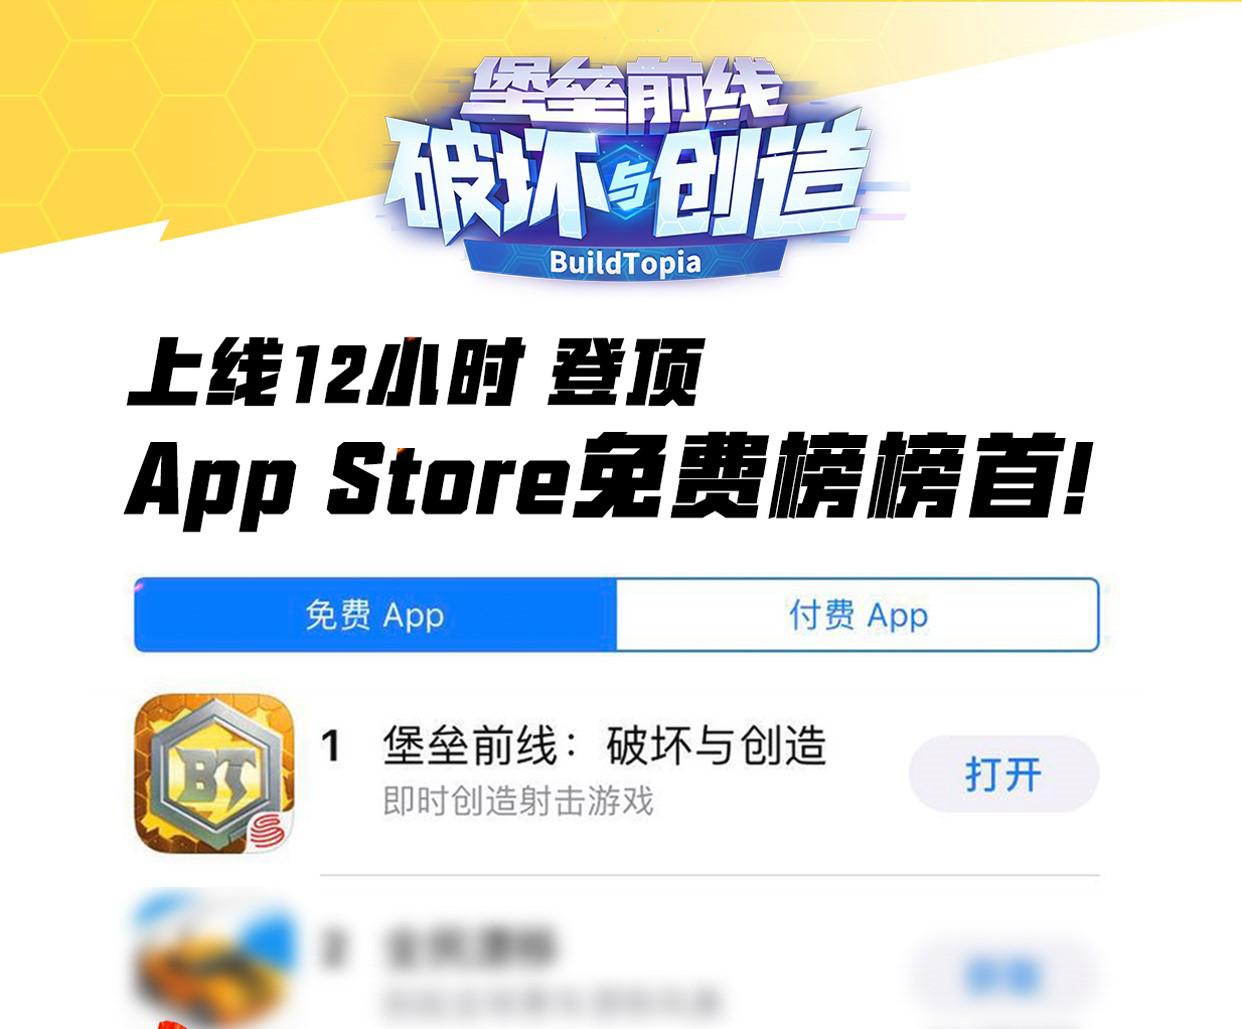 《堡垒前线》iOS首发登顶AppStore免费榜